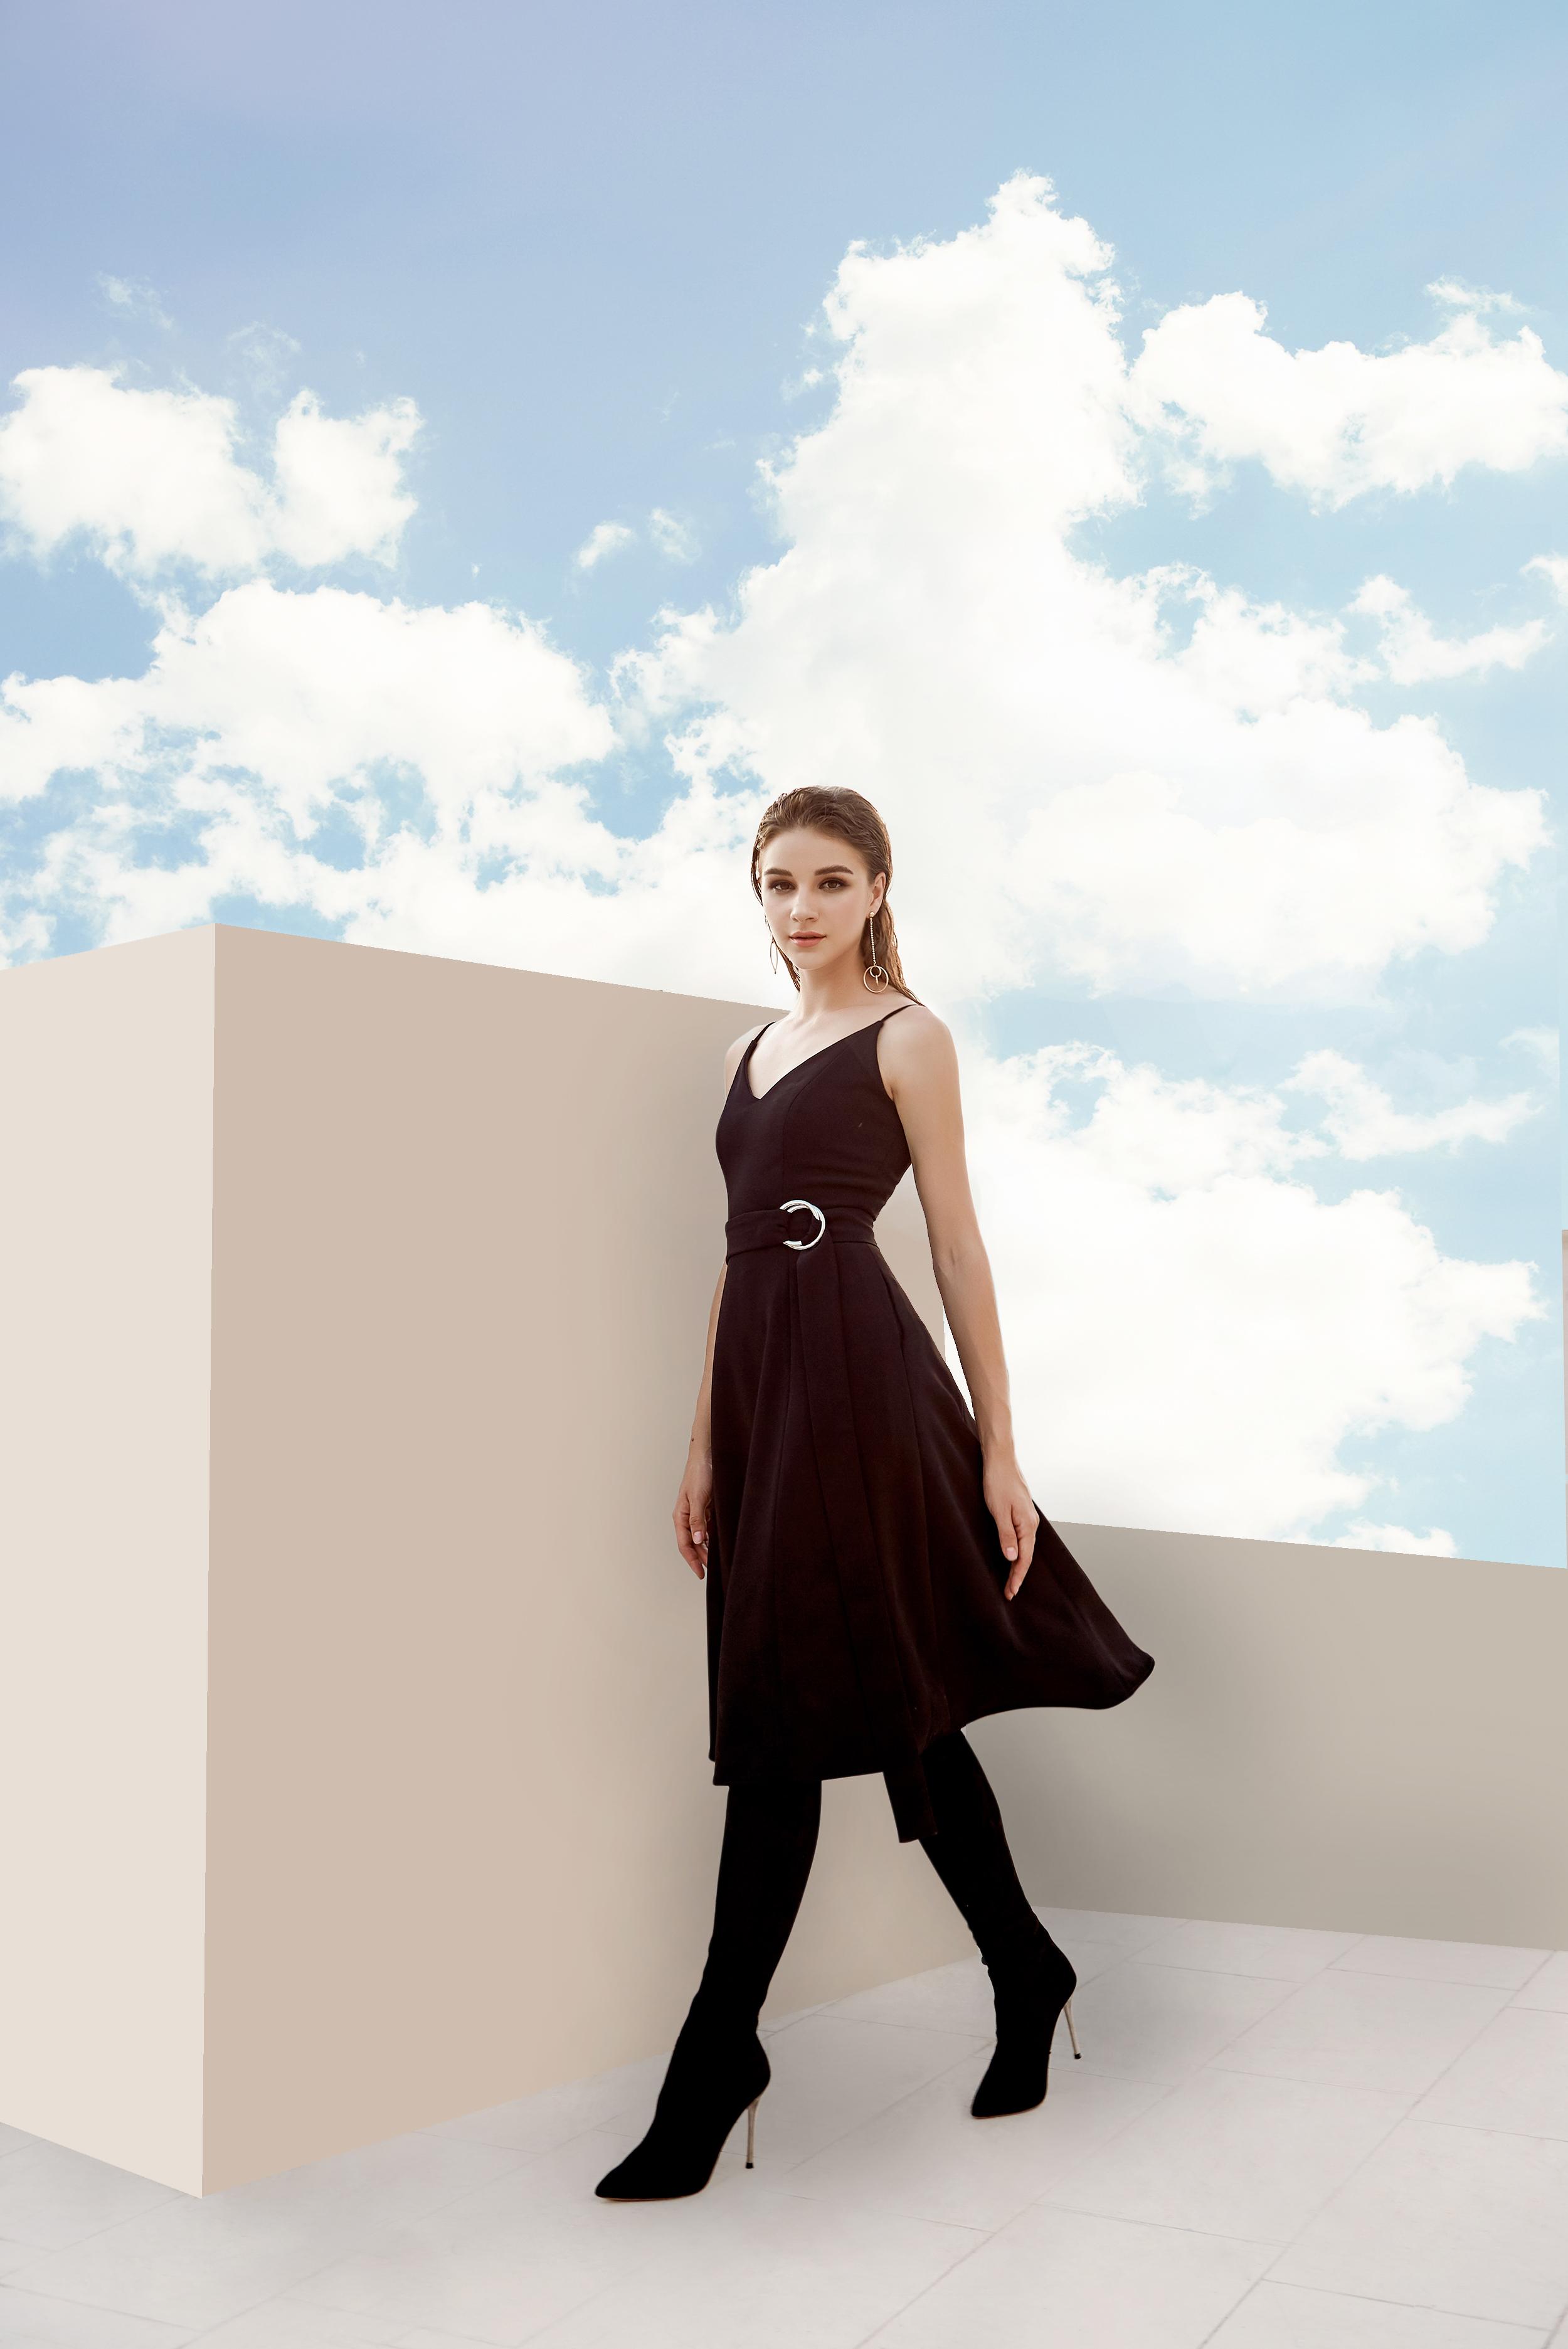 V818 - Váy đầm midi tiểu thư thiết kế 2 dây 7 mảnh xòe - Đen, Pink coral - Bely